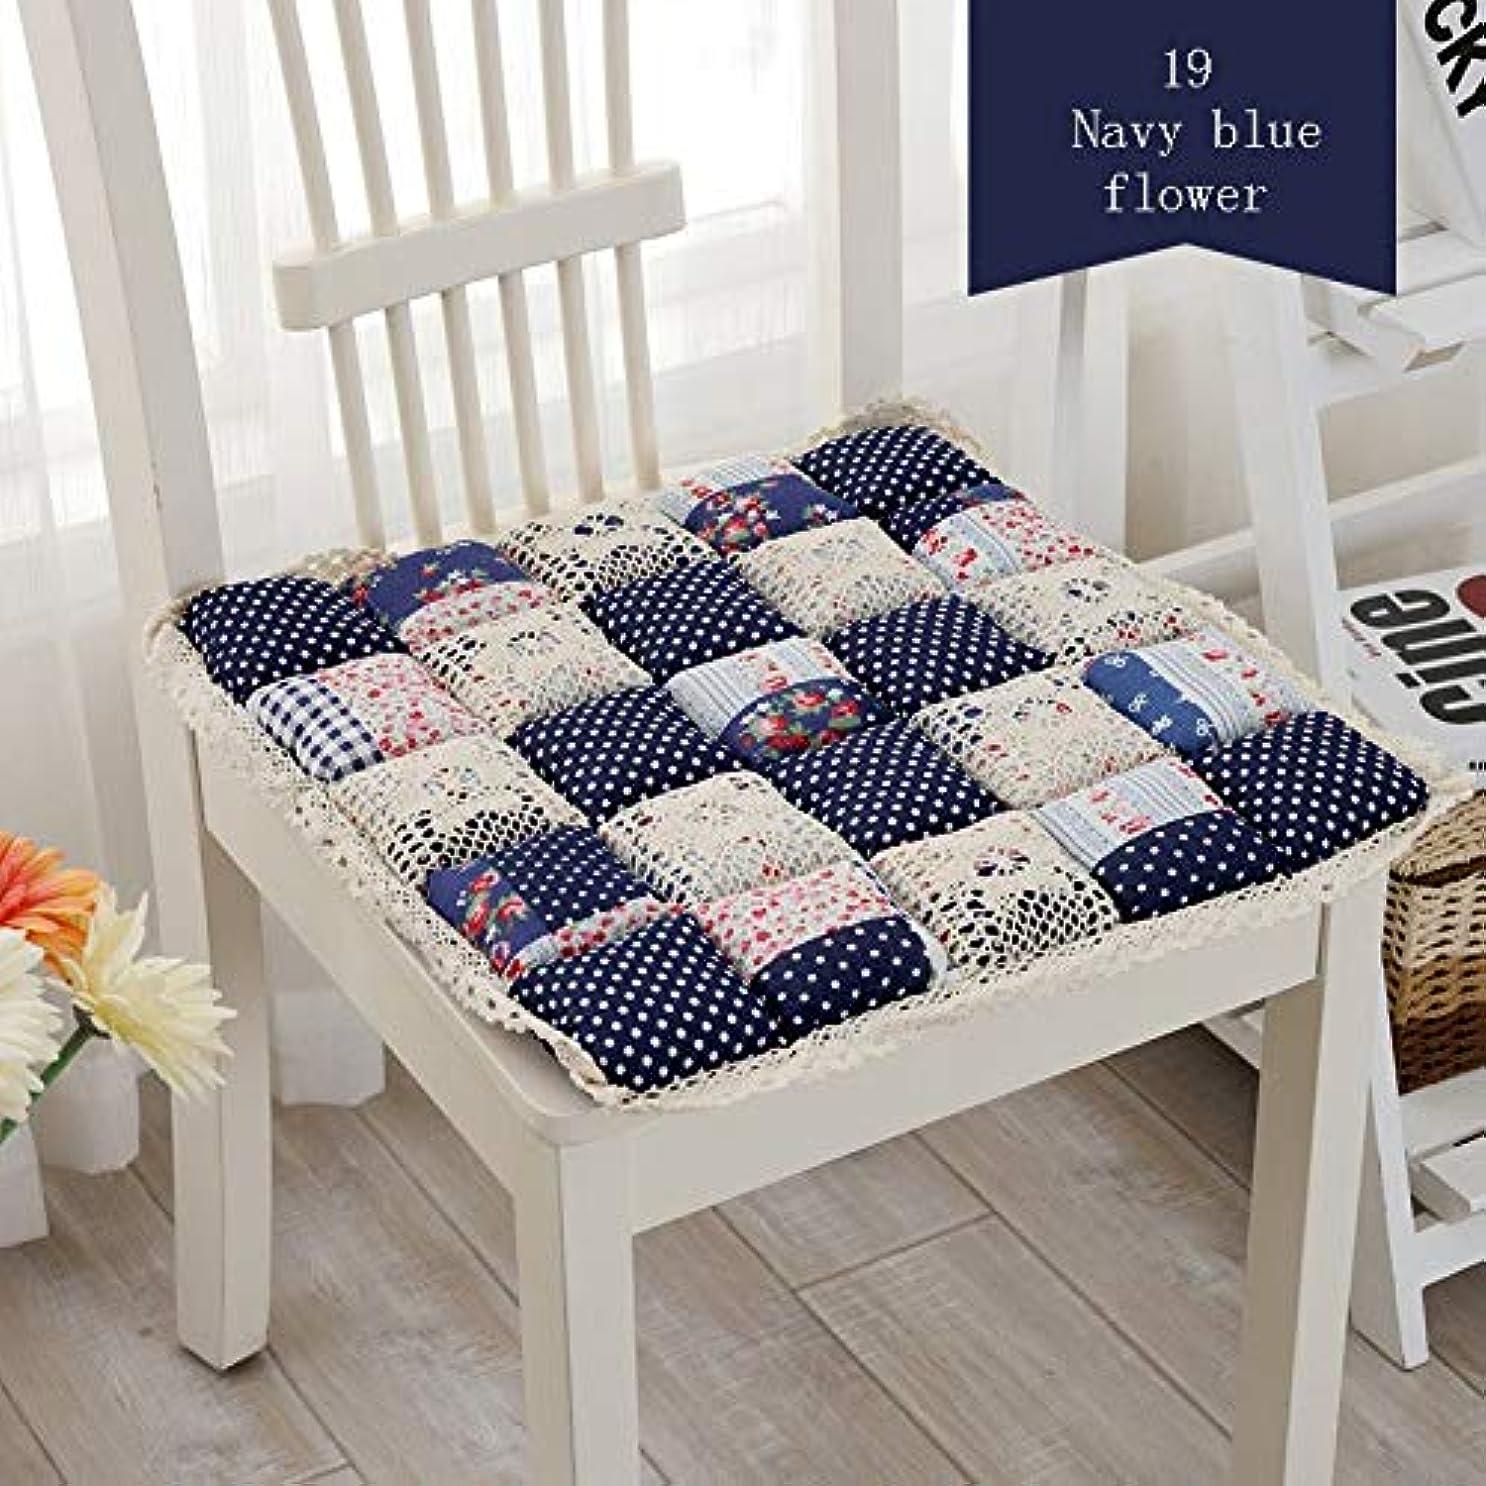 アトラスうがい可塑性LIFE 1 個抗褥瘡綿椅子クッション 24 色ファッションオフィス正方形クッション学生チェアクッション家の装飾厚み クッション 椅子